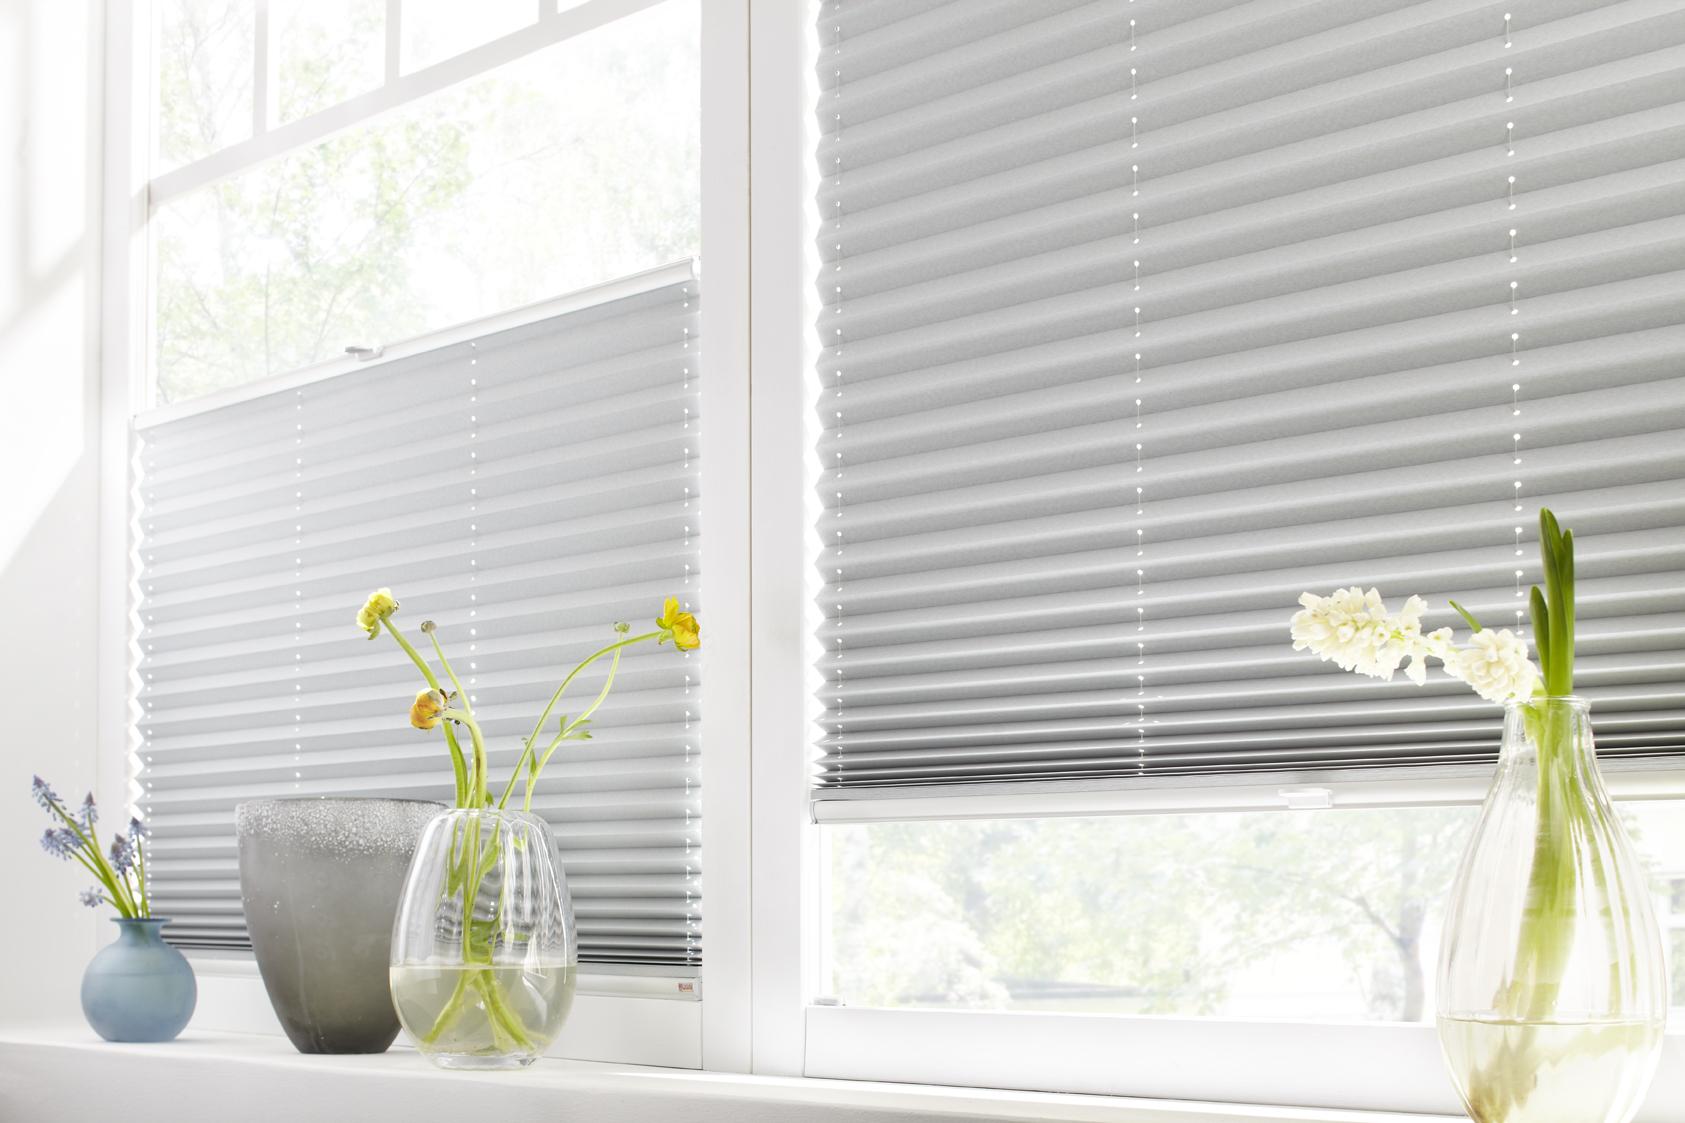 Hochwertiger Sonnenschutz, Sichtschutz und Lichtschutz - Grünes Plissee - Plisseerollo - Dr. Haller + Co. - Selastore®